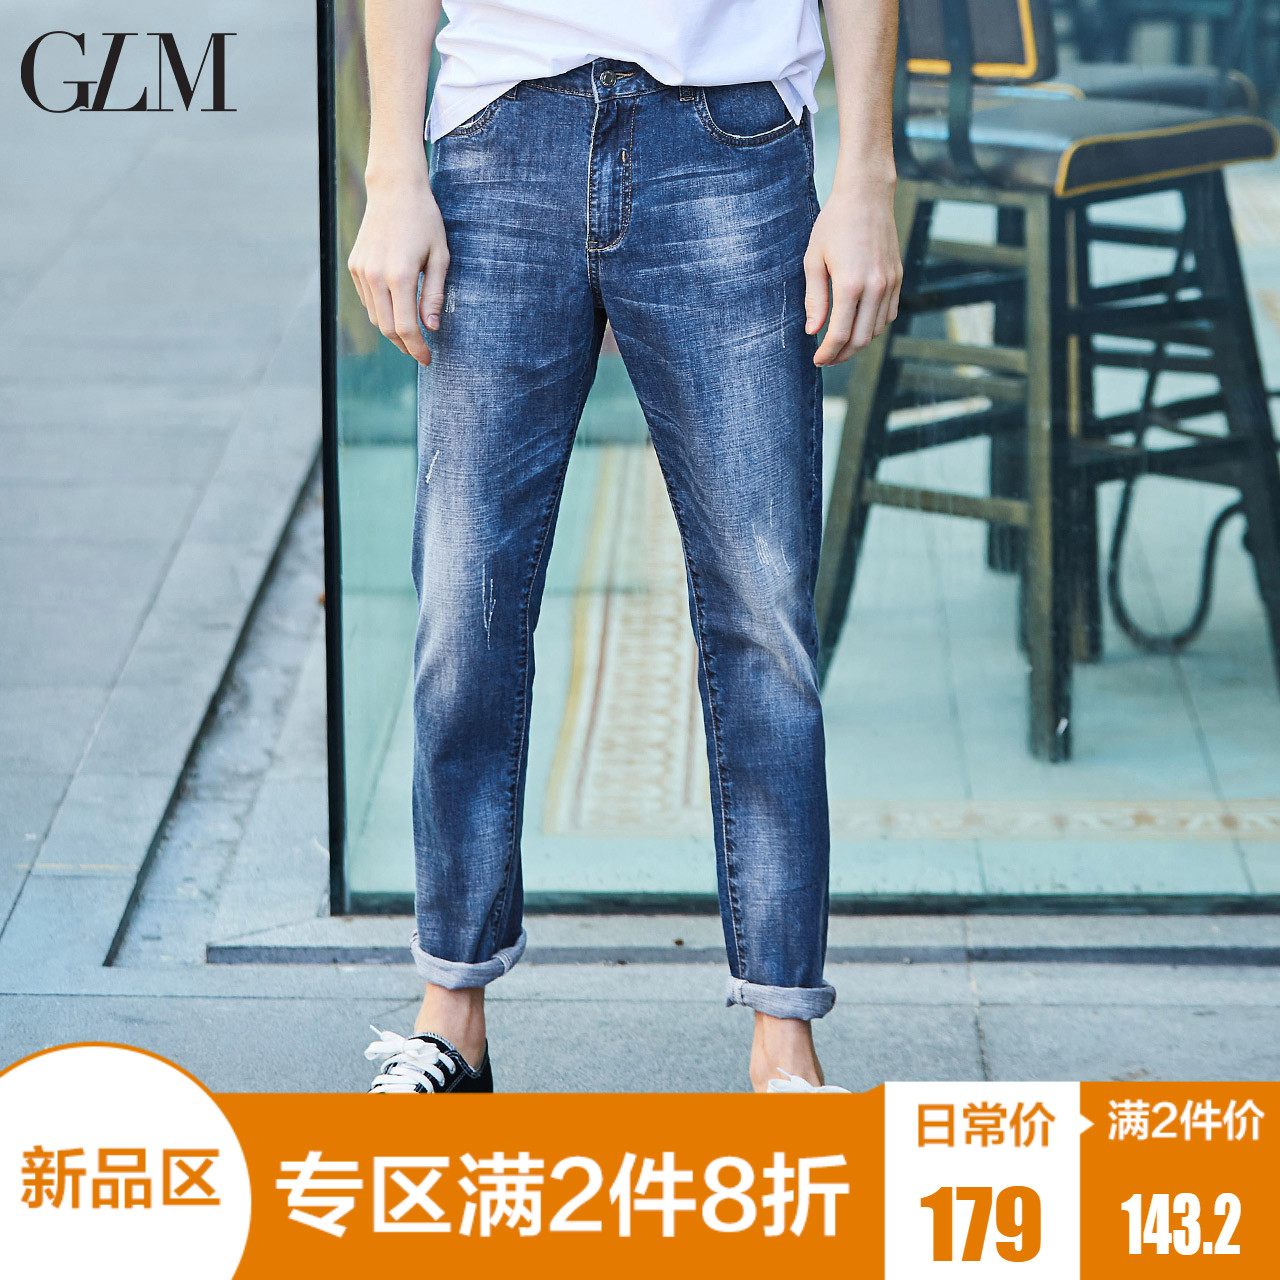 新款时尚百搭牛仔裤